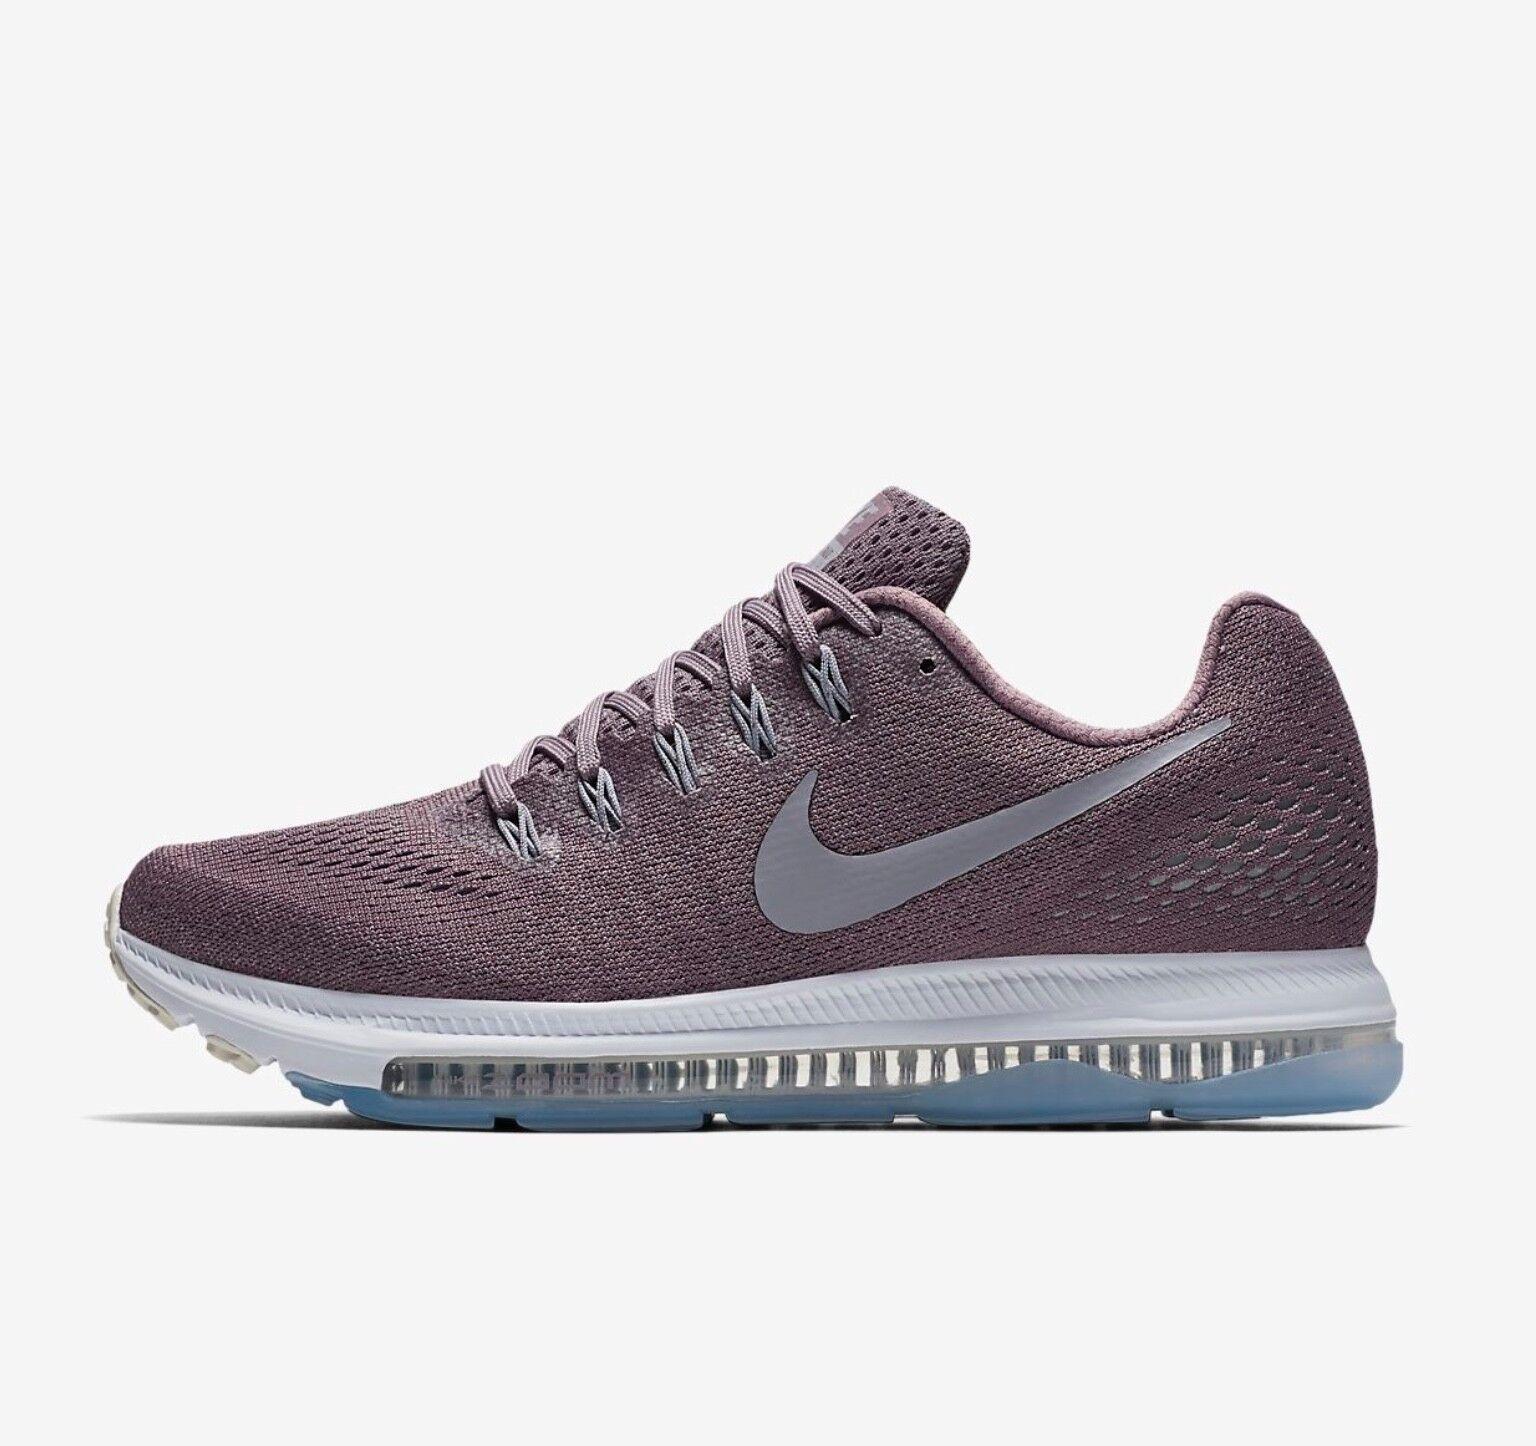 Wmns Wmns Wmns Nike Zoom todos Low Running Zapatillas 878671-200 UK7.5 EU42 US10  tomamos a los clientes como nuestro dios